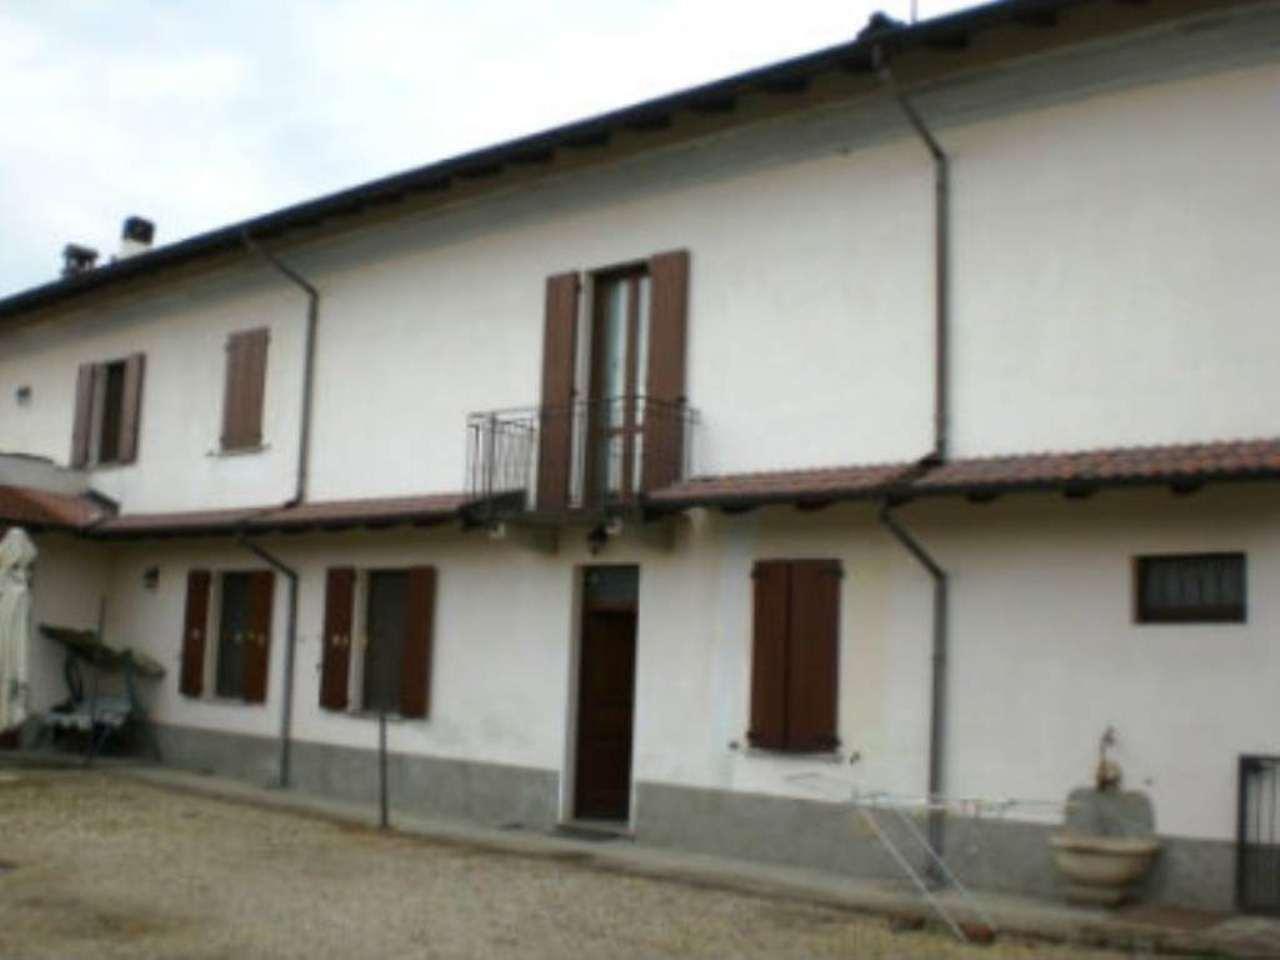 Soluzione Indipendente in vendita a Garlasco, 11 locali, prezzo € 200.000 | Cambio Casa.it